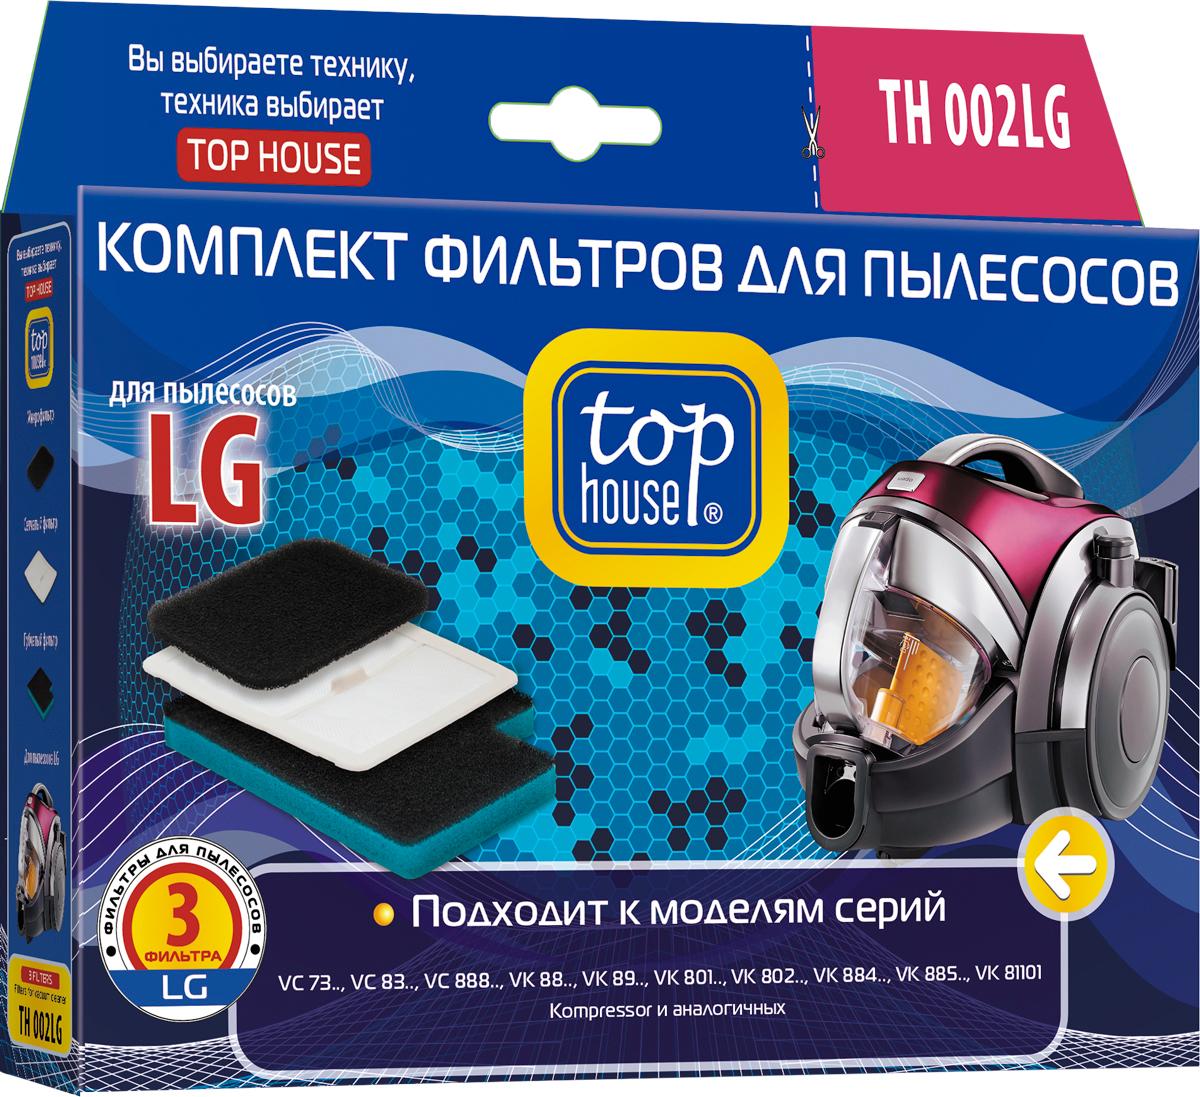 Top House TH 002LG комплект фильтров для пылесосов LG, 3 шт